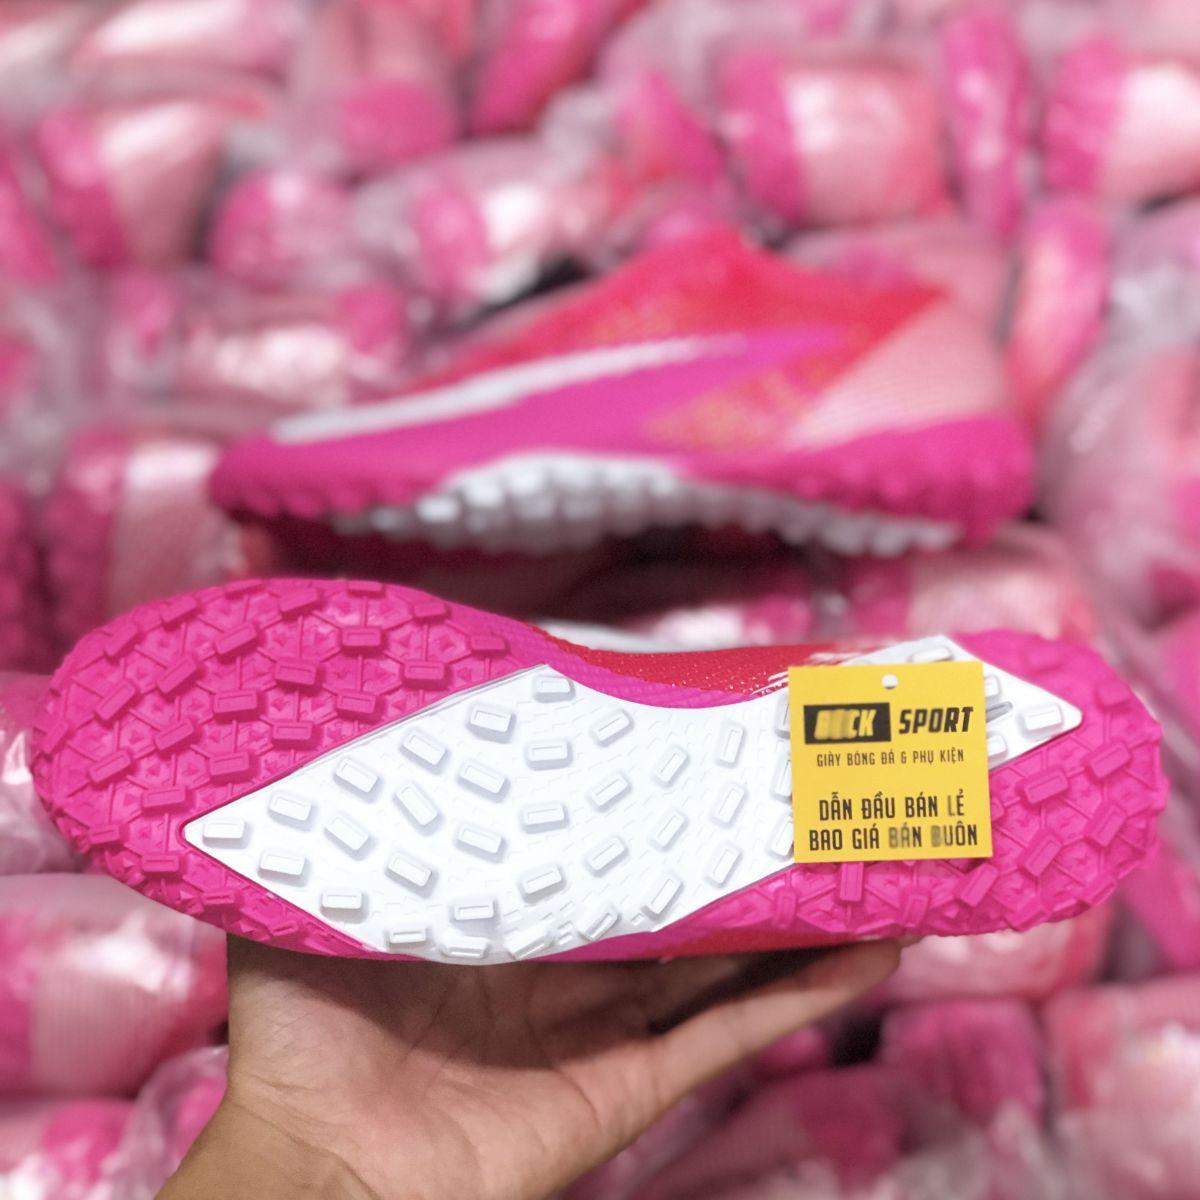 Giày Bóng Đá TQ Nike Mercurial Vapor 13 Elite Mbappe Hồng Vạch Trắng Cổ Lửng TF